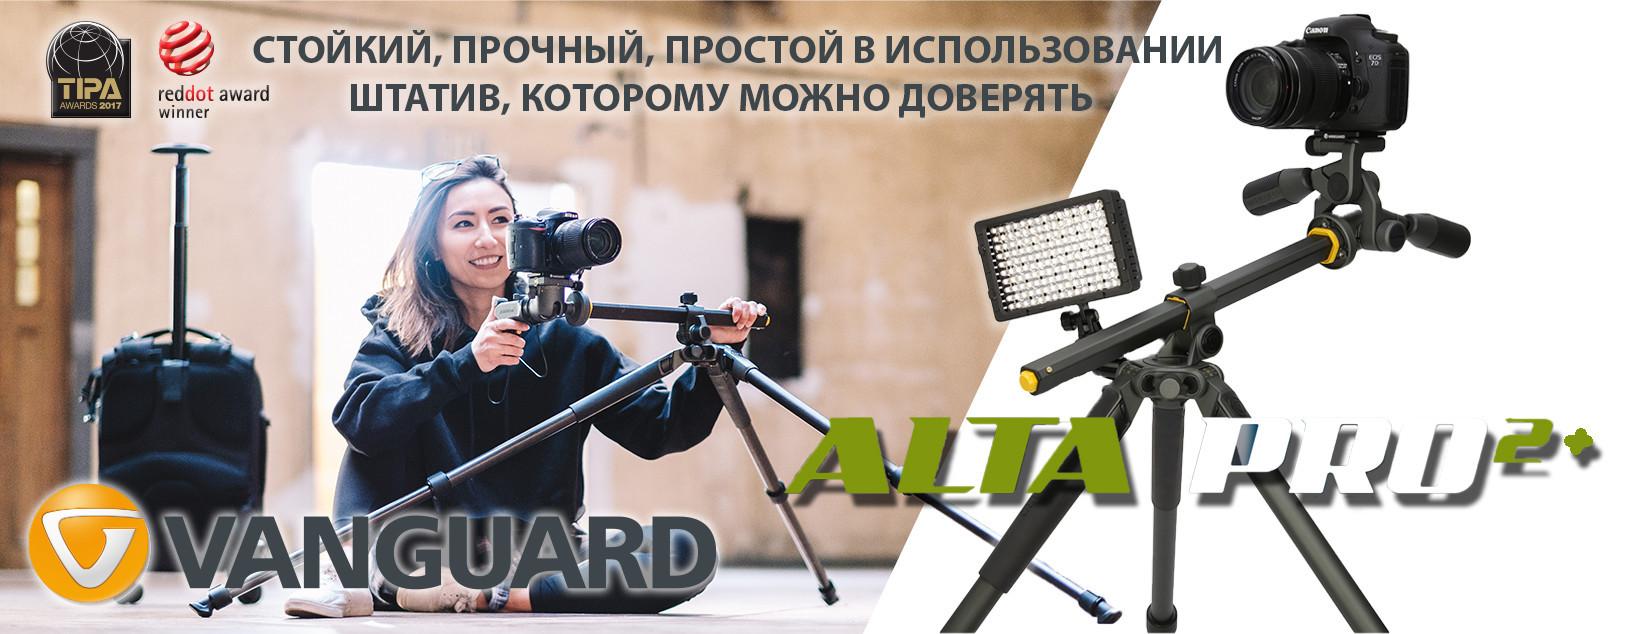 Alta Pro 2